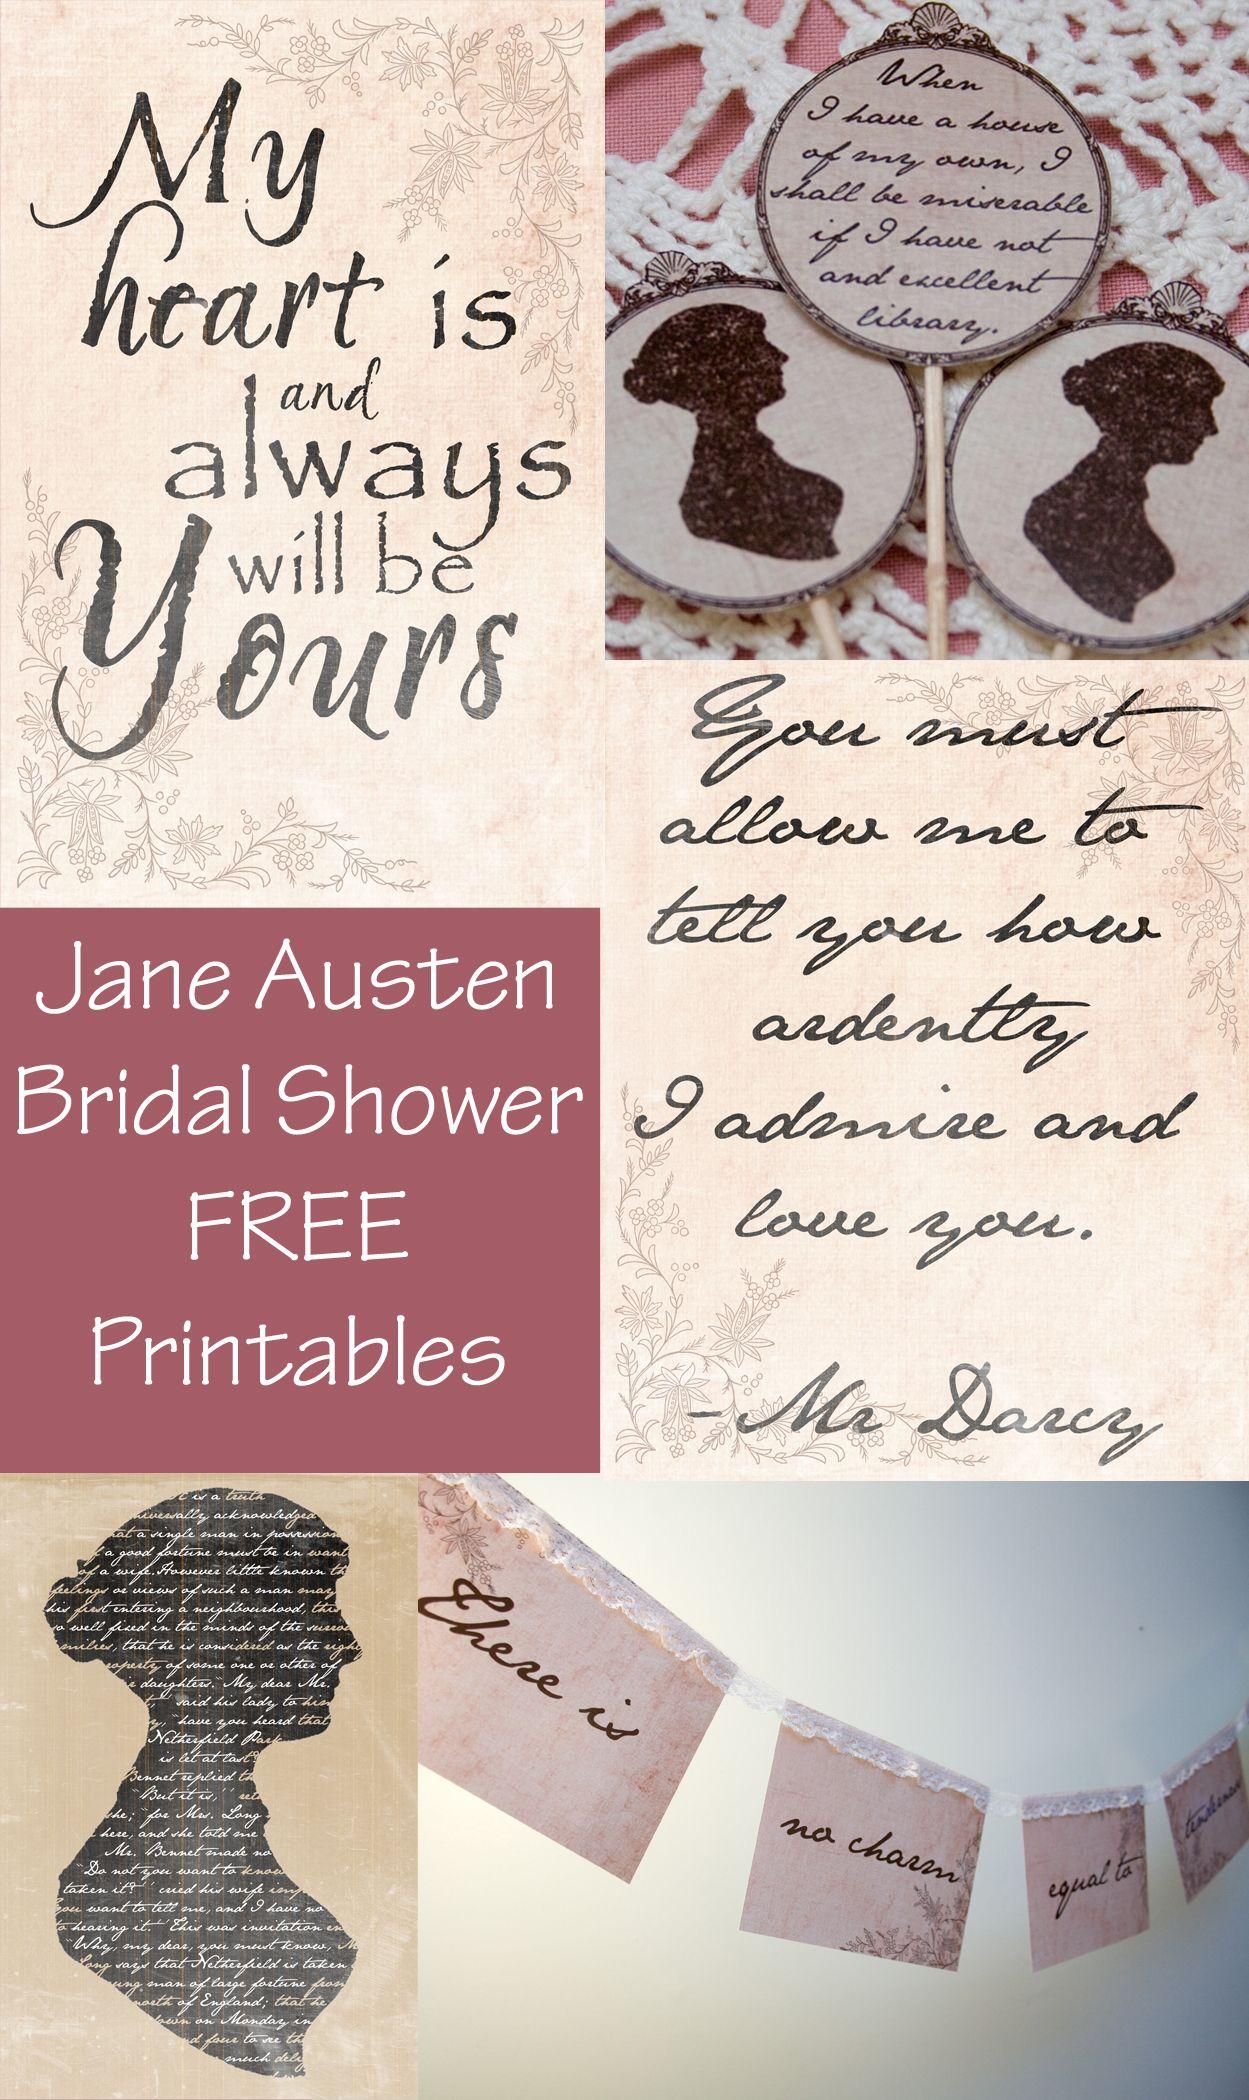 Jane Austen Bridal Shower And Free Printables Jane Austen